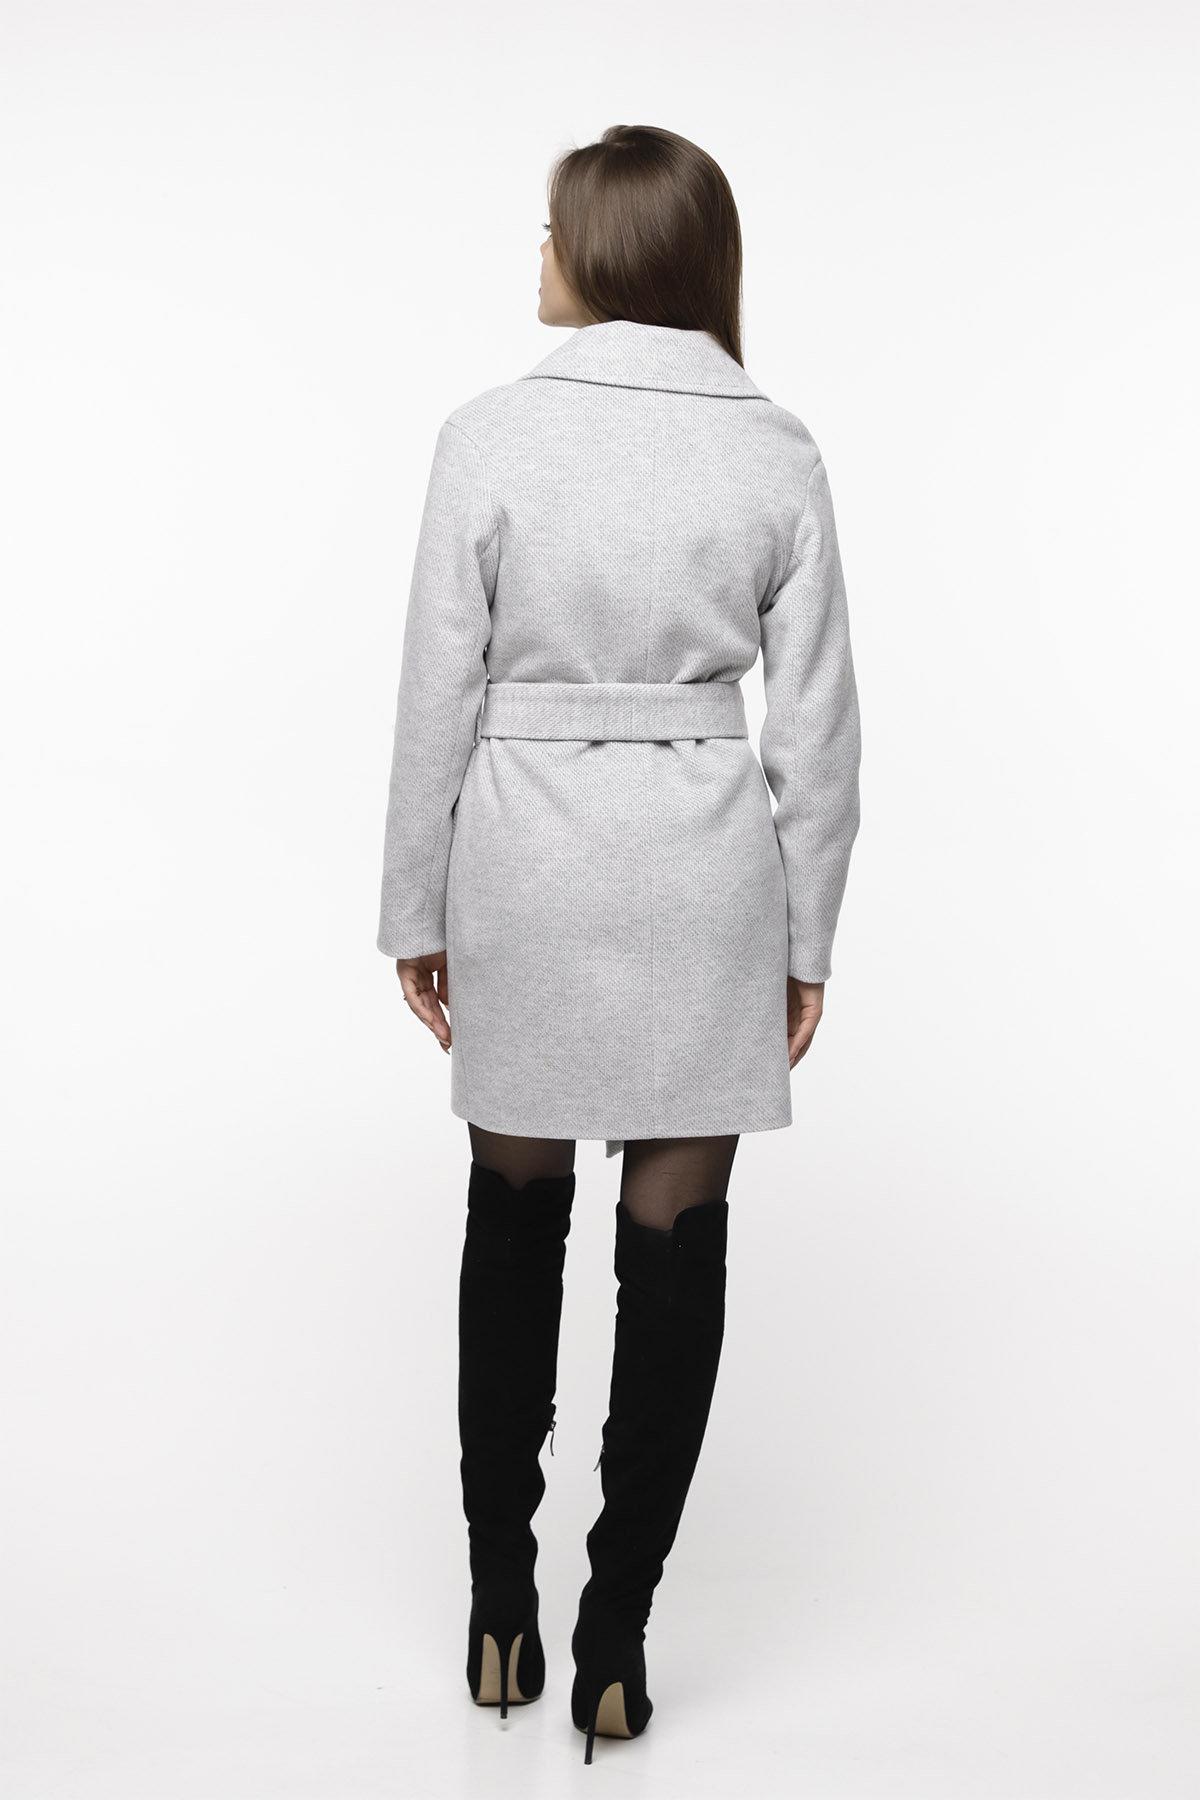 Кашемировое пальто Вейсона 8803 АРТ. 45140 Цвет: Светло серый - фото 3, интернет магазин tm-modus.ru